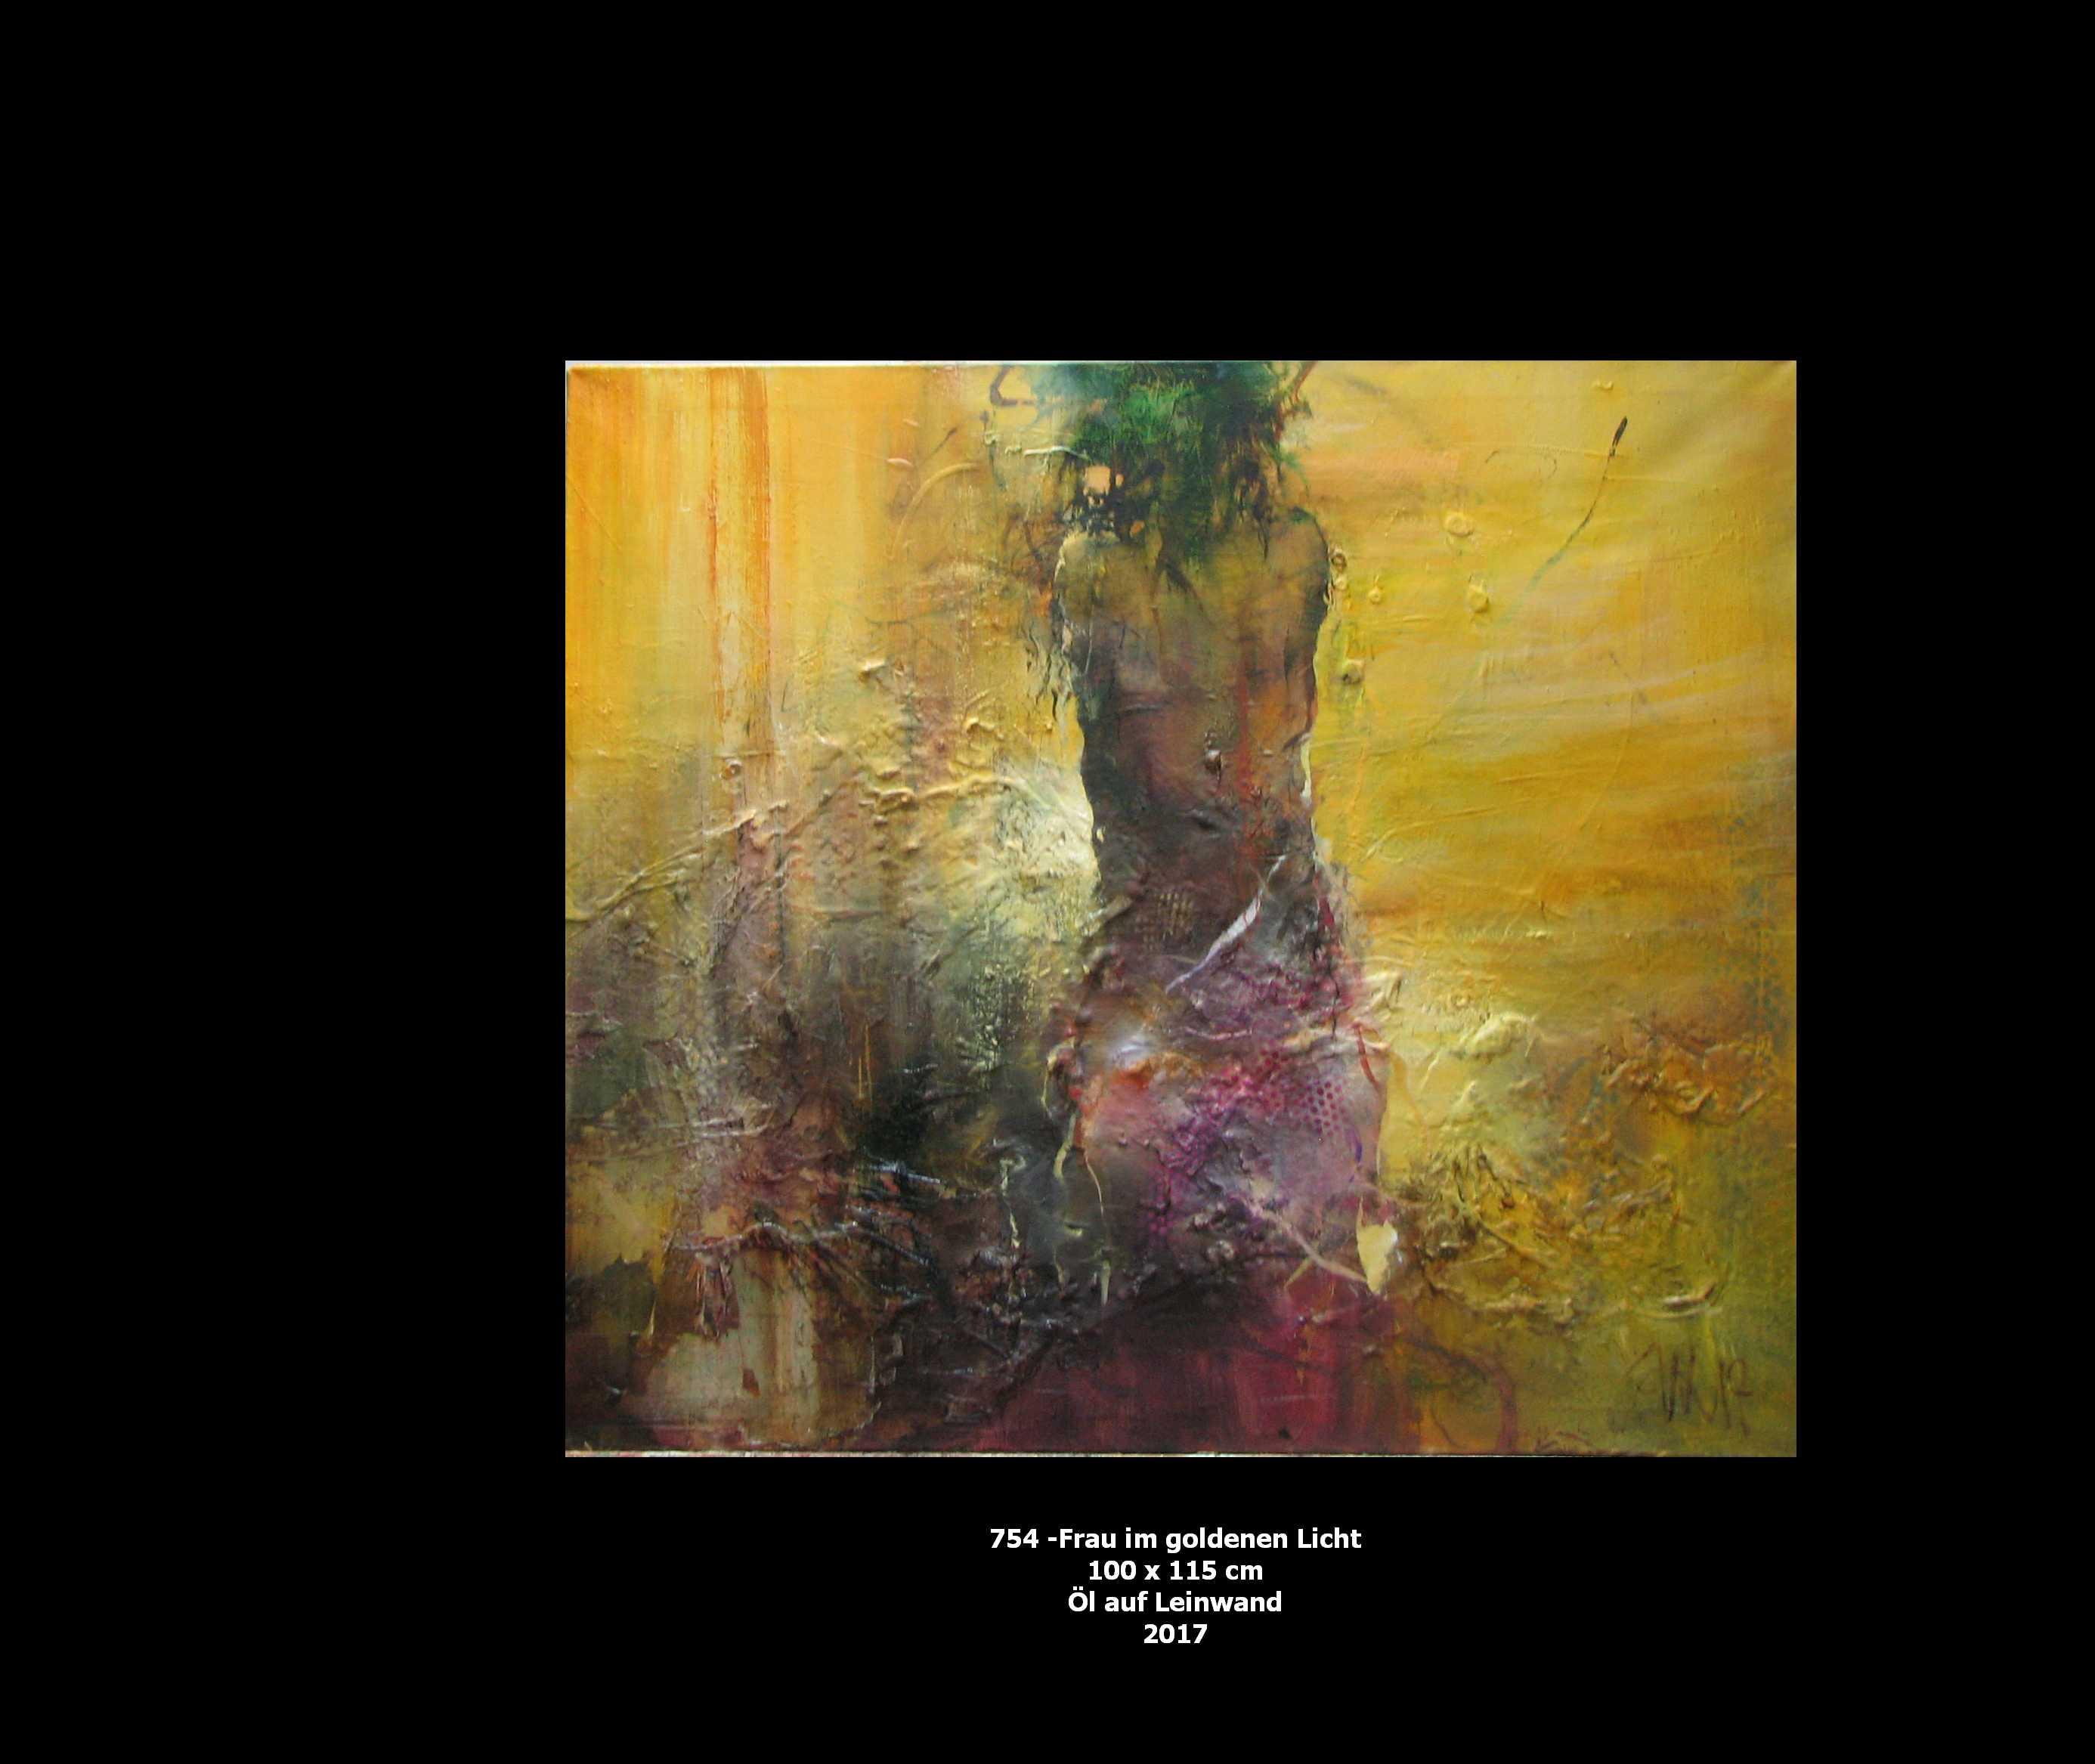 754 - Frau im goldenen Licht